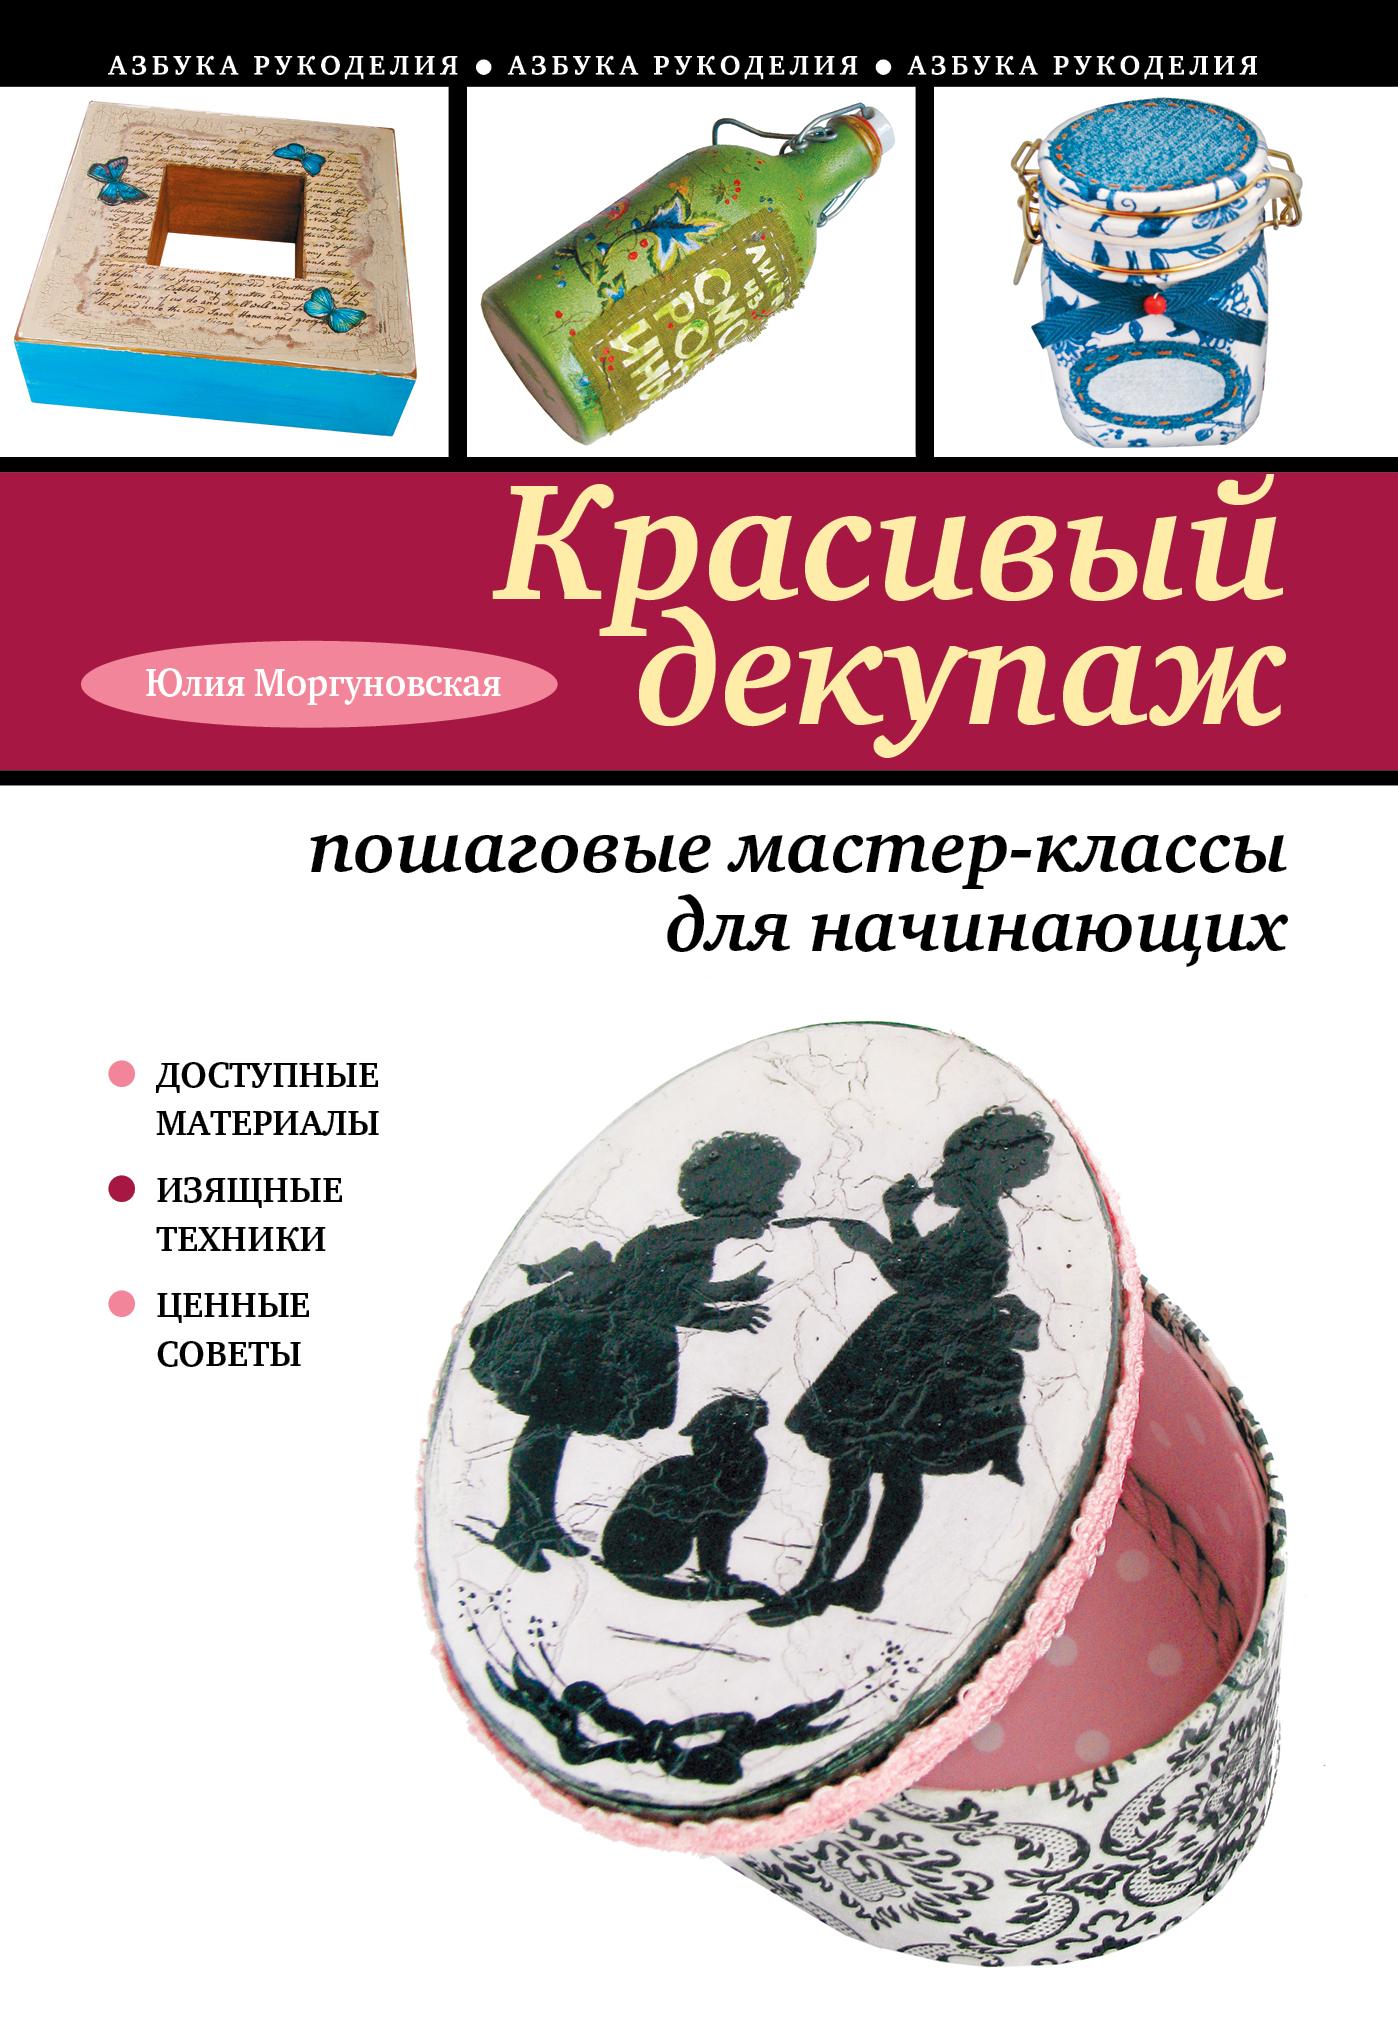 Моргуновская Ю.О. Красивый декупаж: пошаговые мастер-классы для начинающих